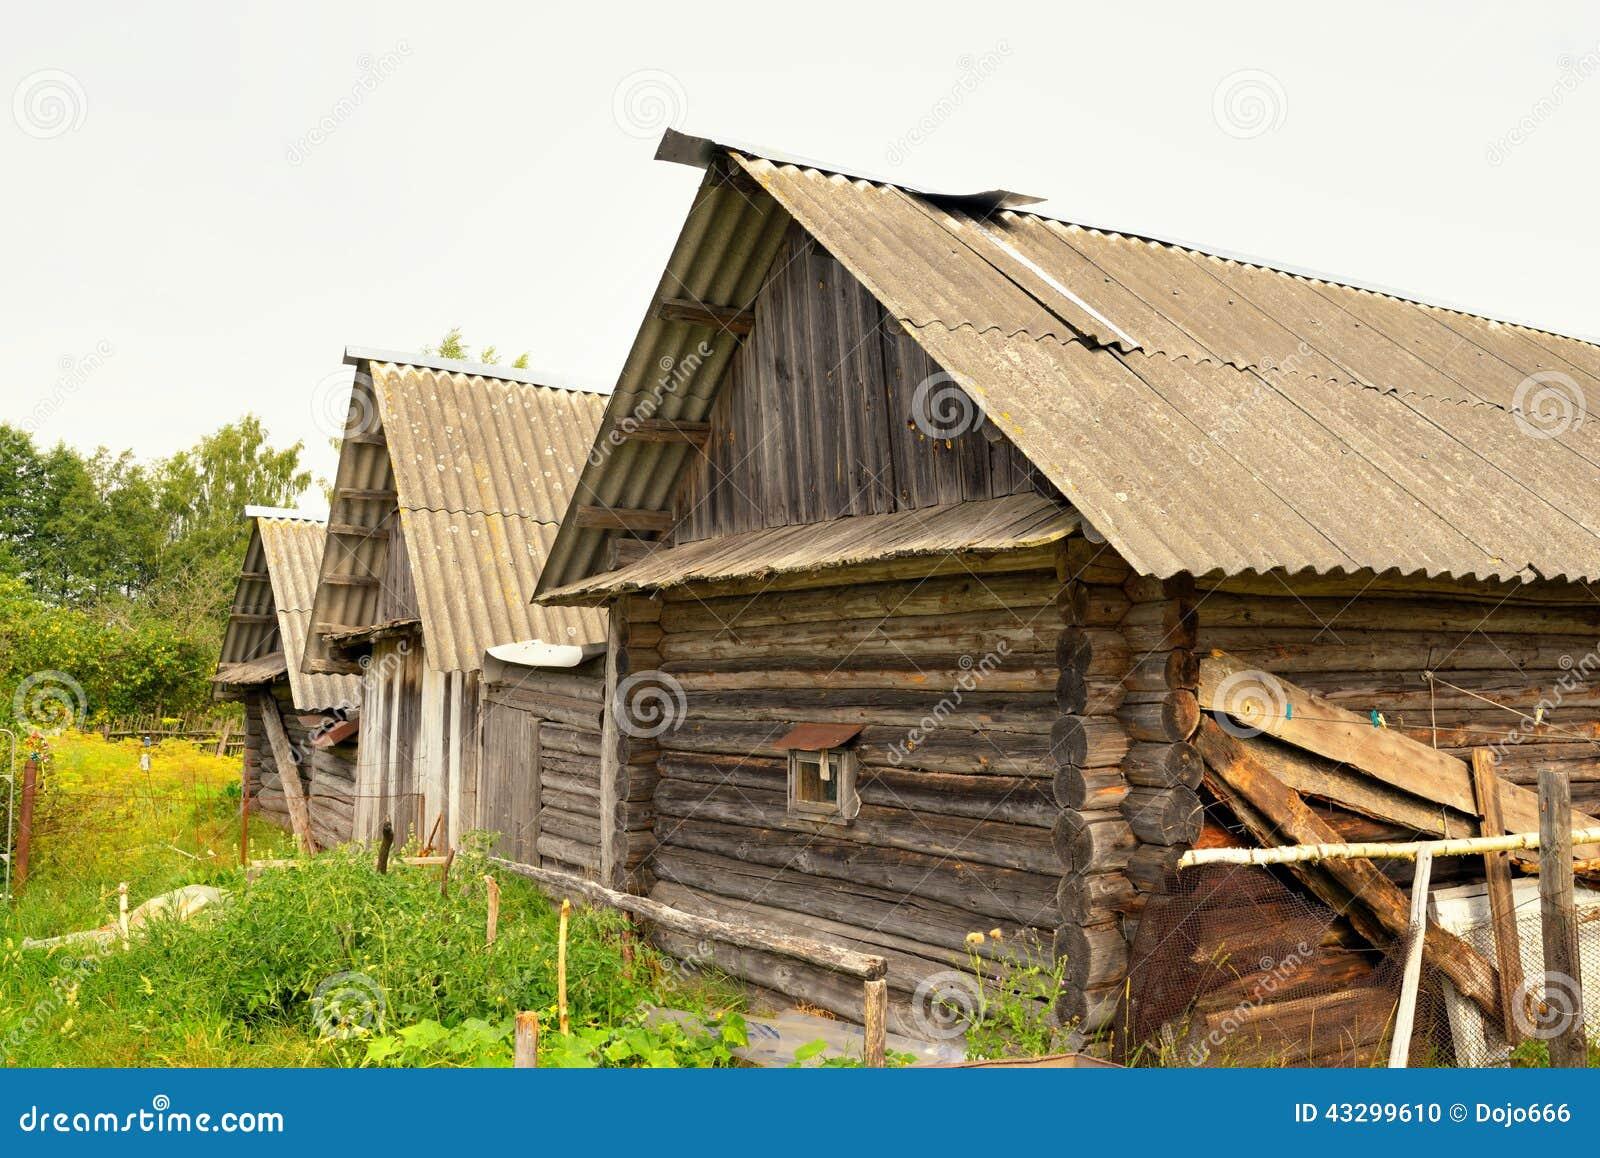 Casette Russe Di Campagna casa russa tipica del villaggio nella campagna fotografia